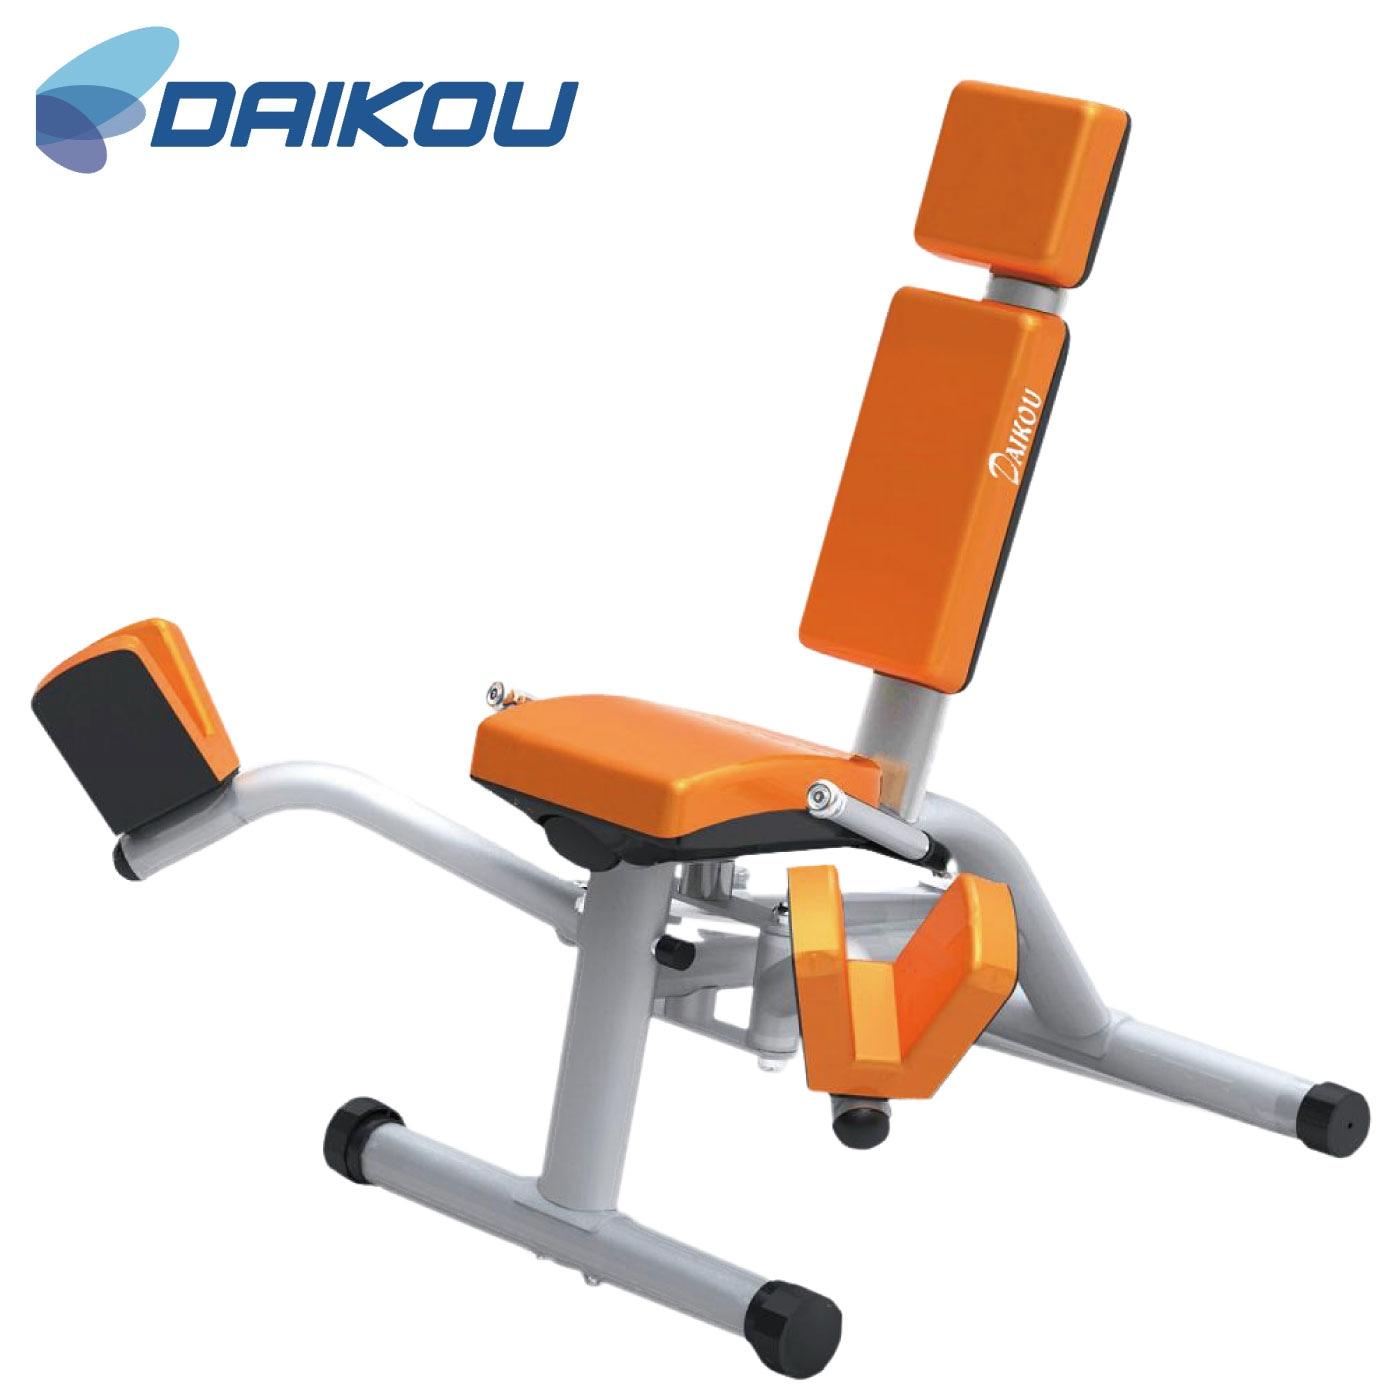 準業務用の油圧マシン「DK-1204」